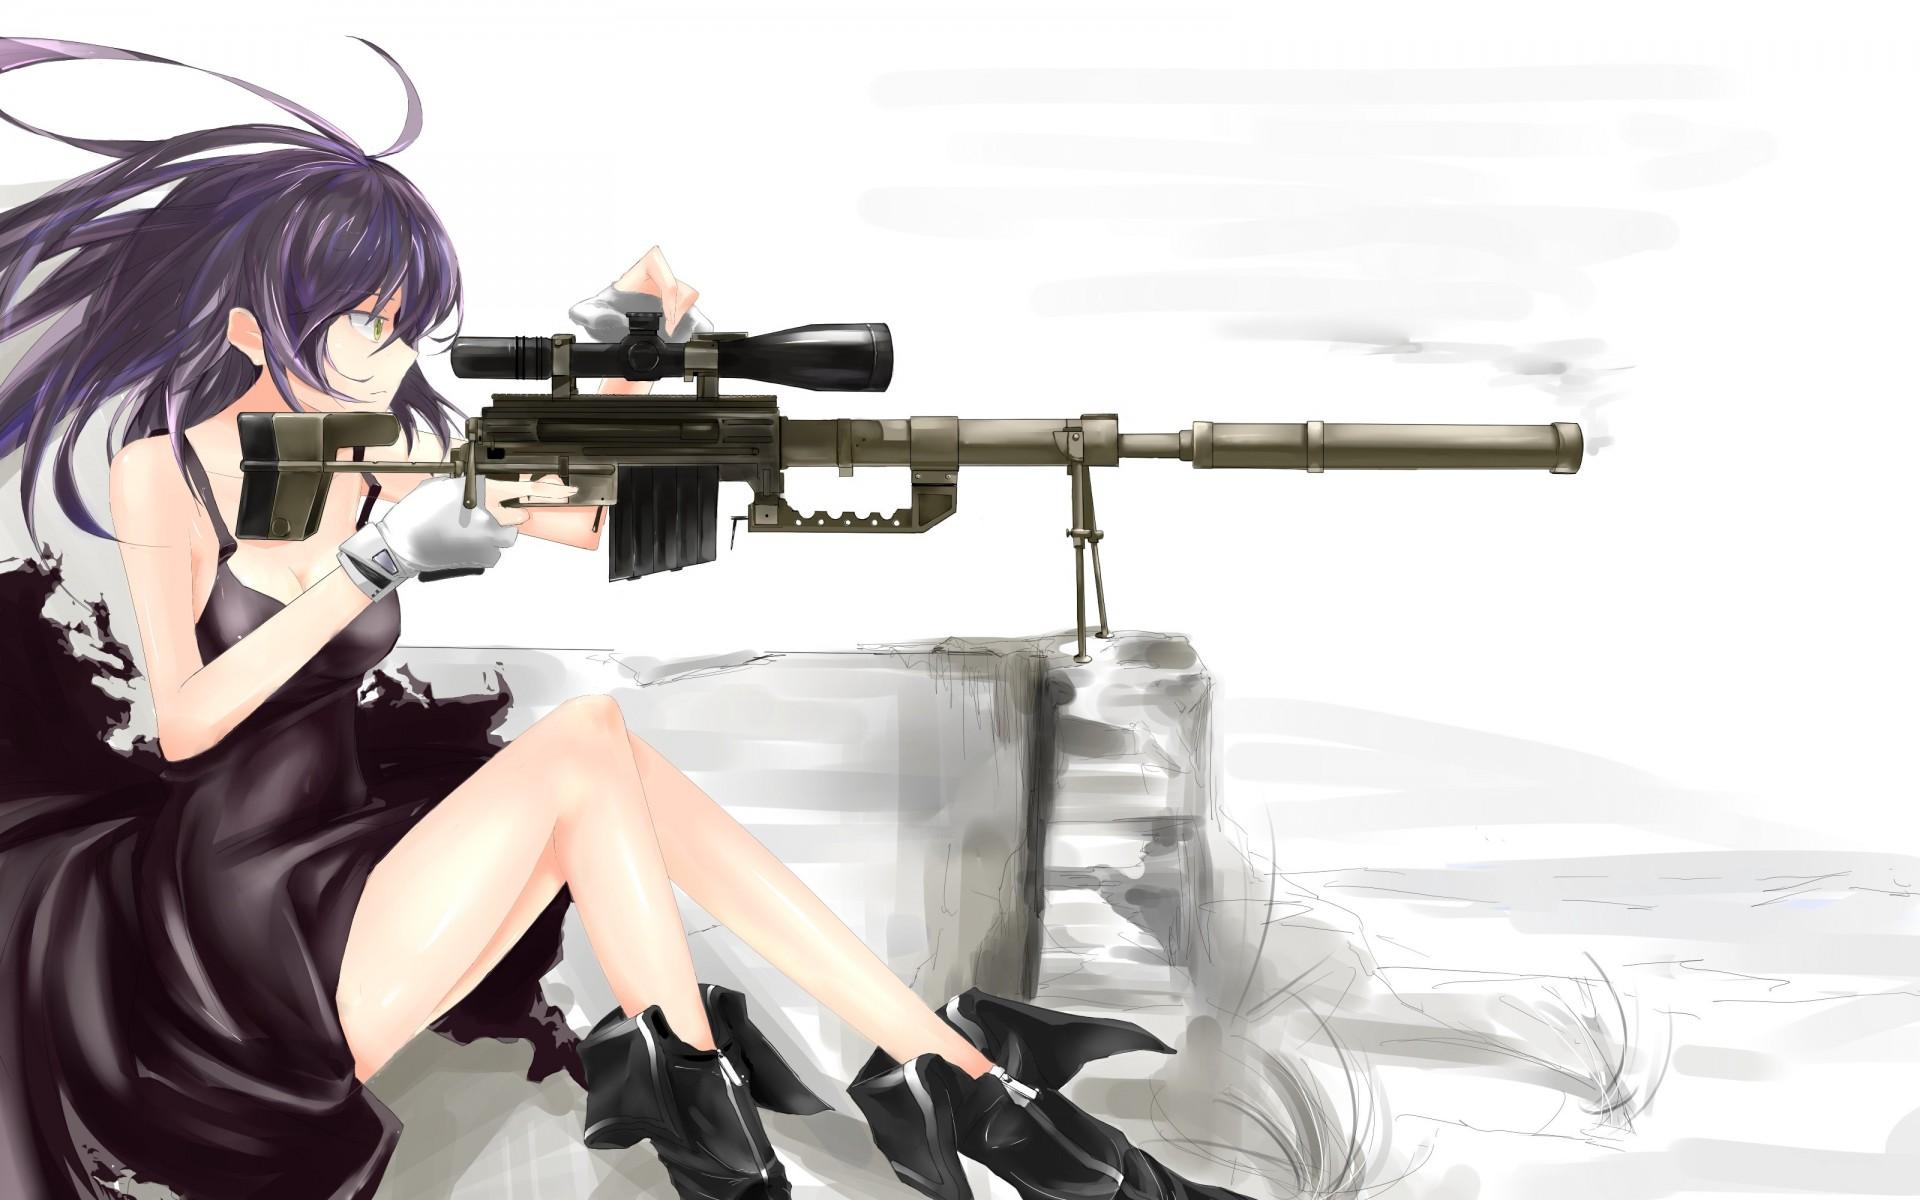 Картинки девушек с оружием из аниме, картинки